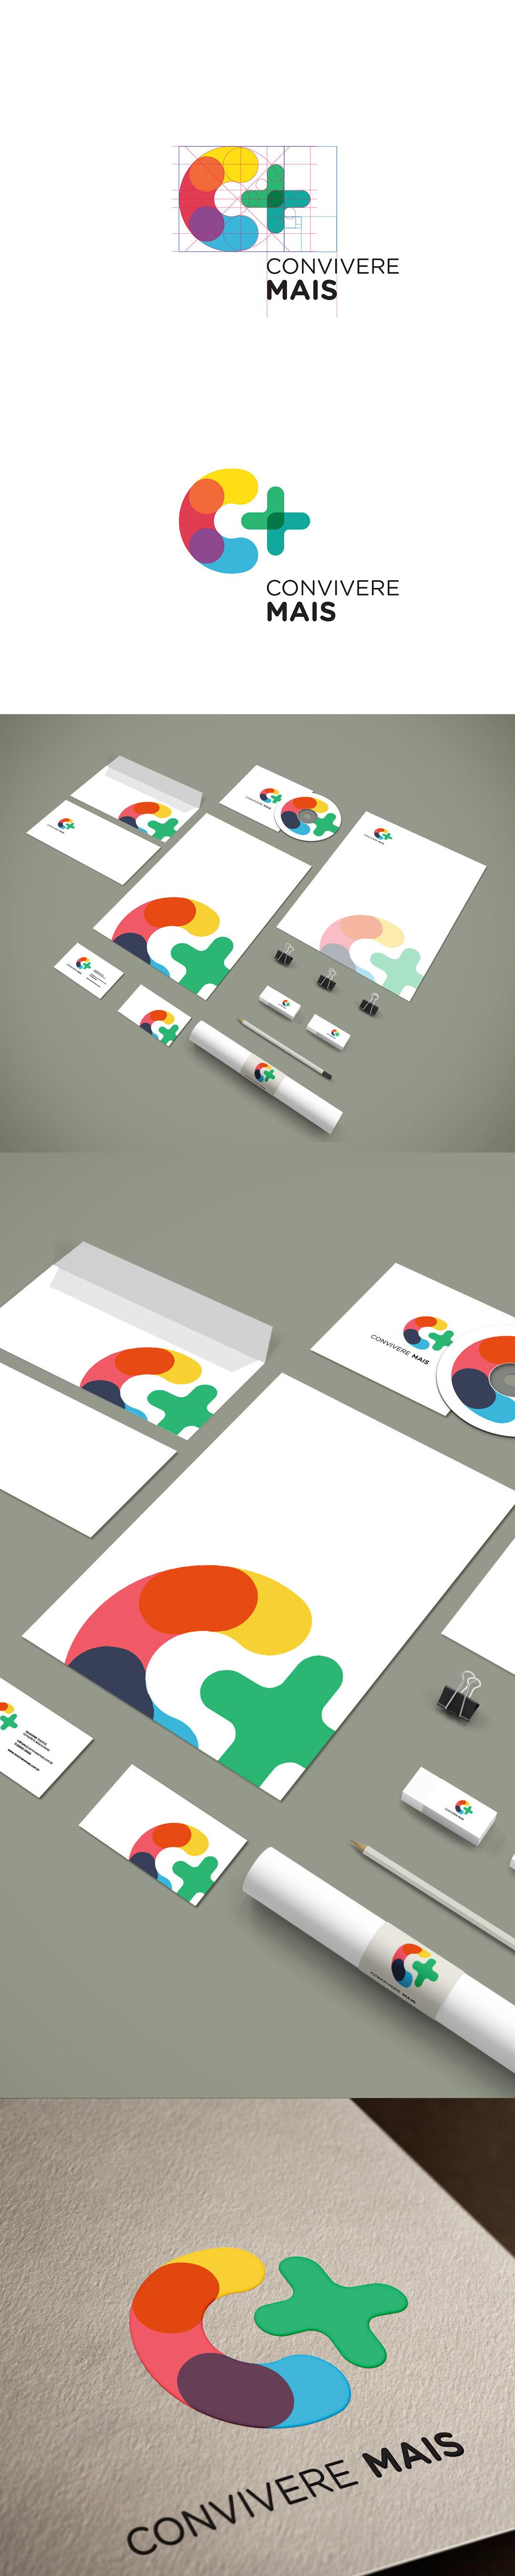 identidade visual,branding ,marcas,design,identity,educação